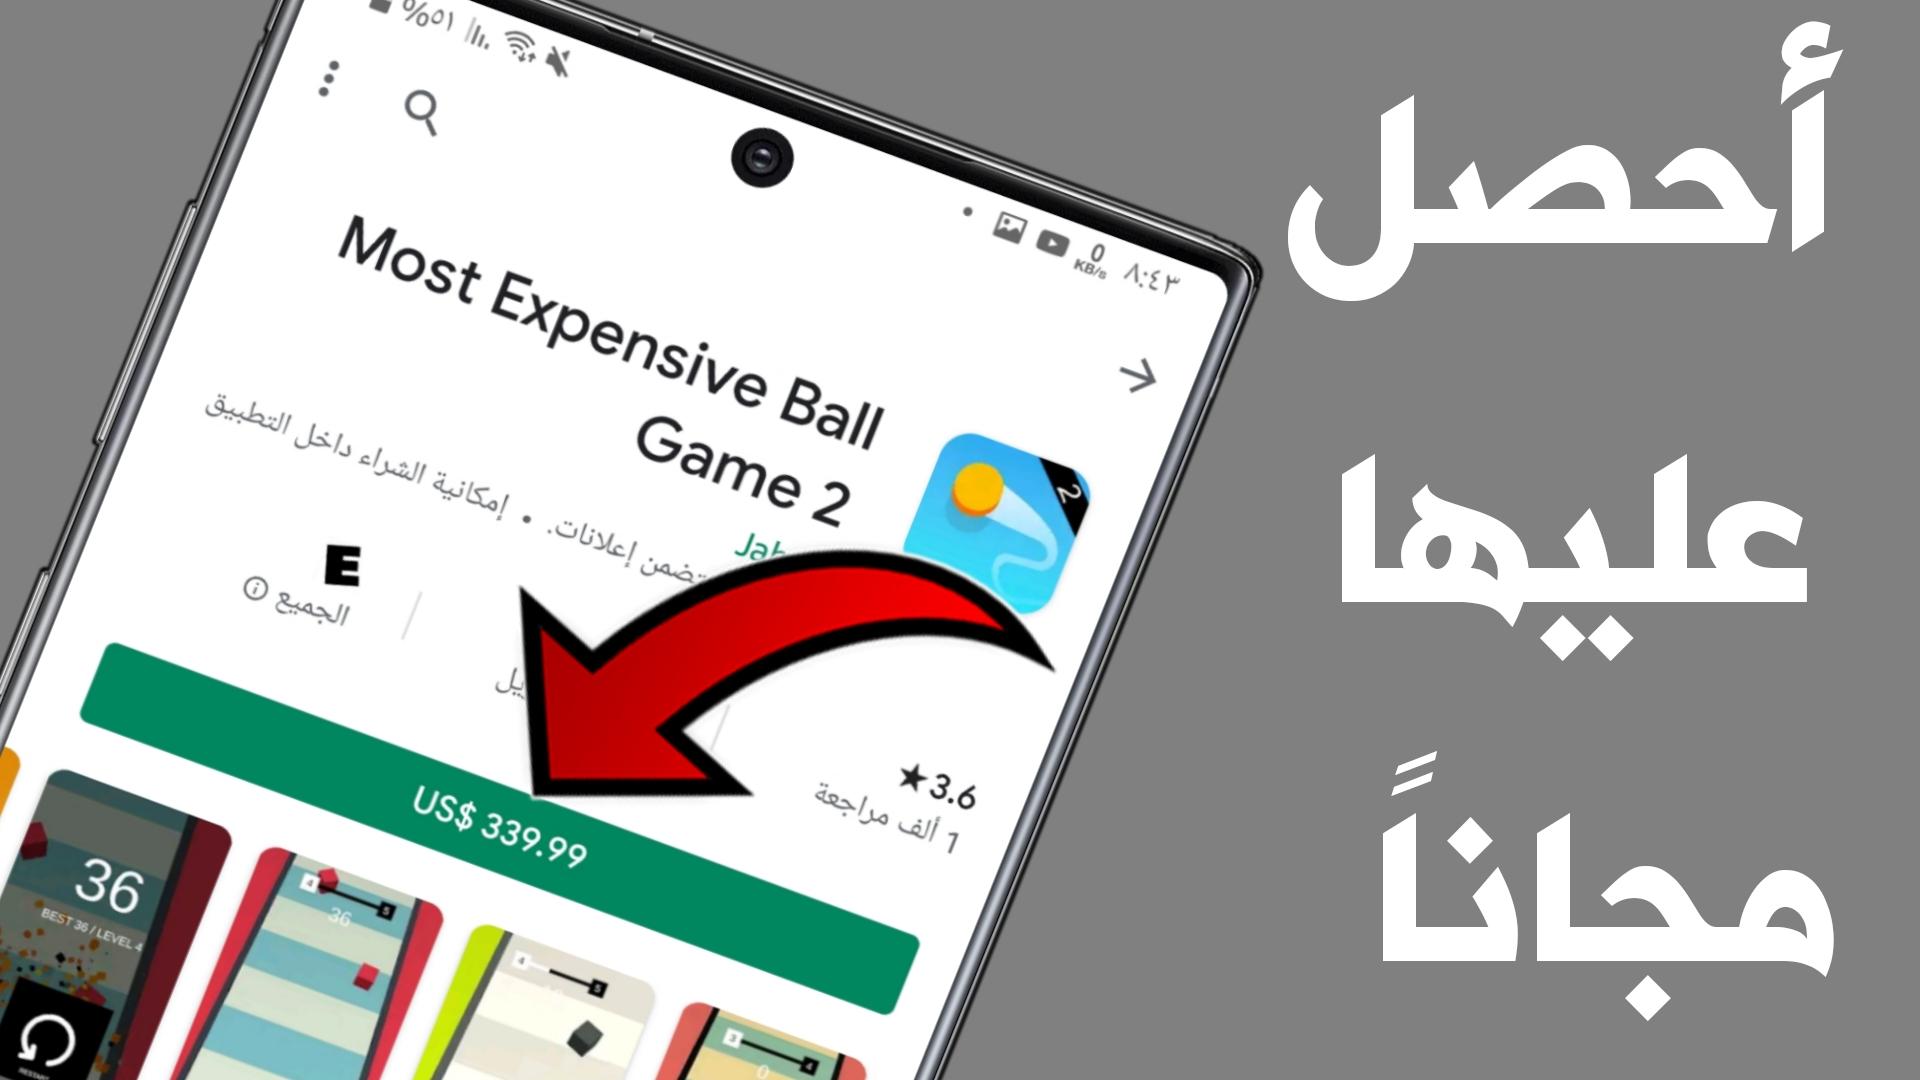 كيفية تحميل التطبيقات المدفوعة من متجر Google Play مجاناً !!! طريقة لم تسمع بها أبداً